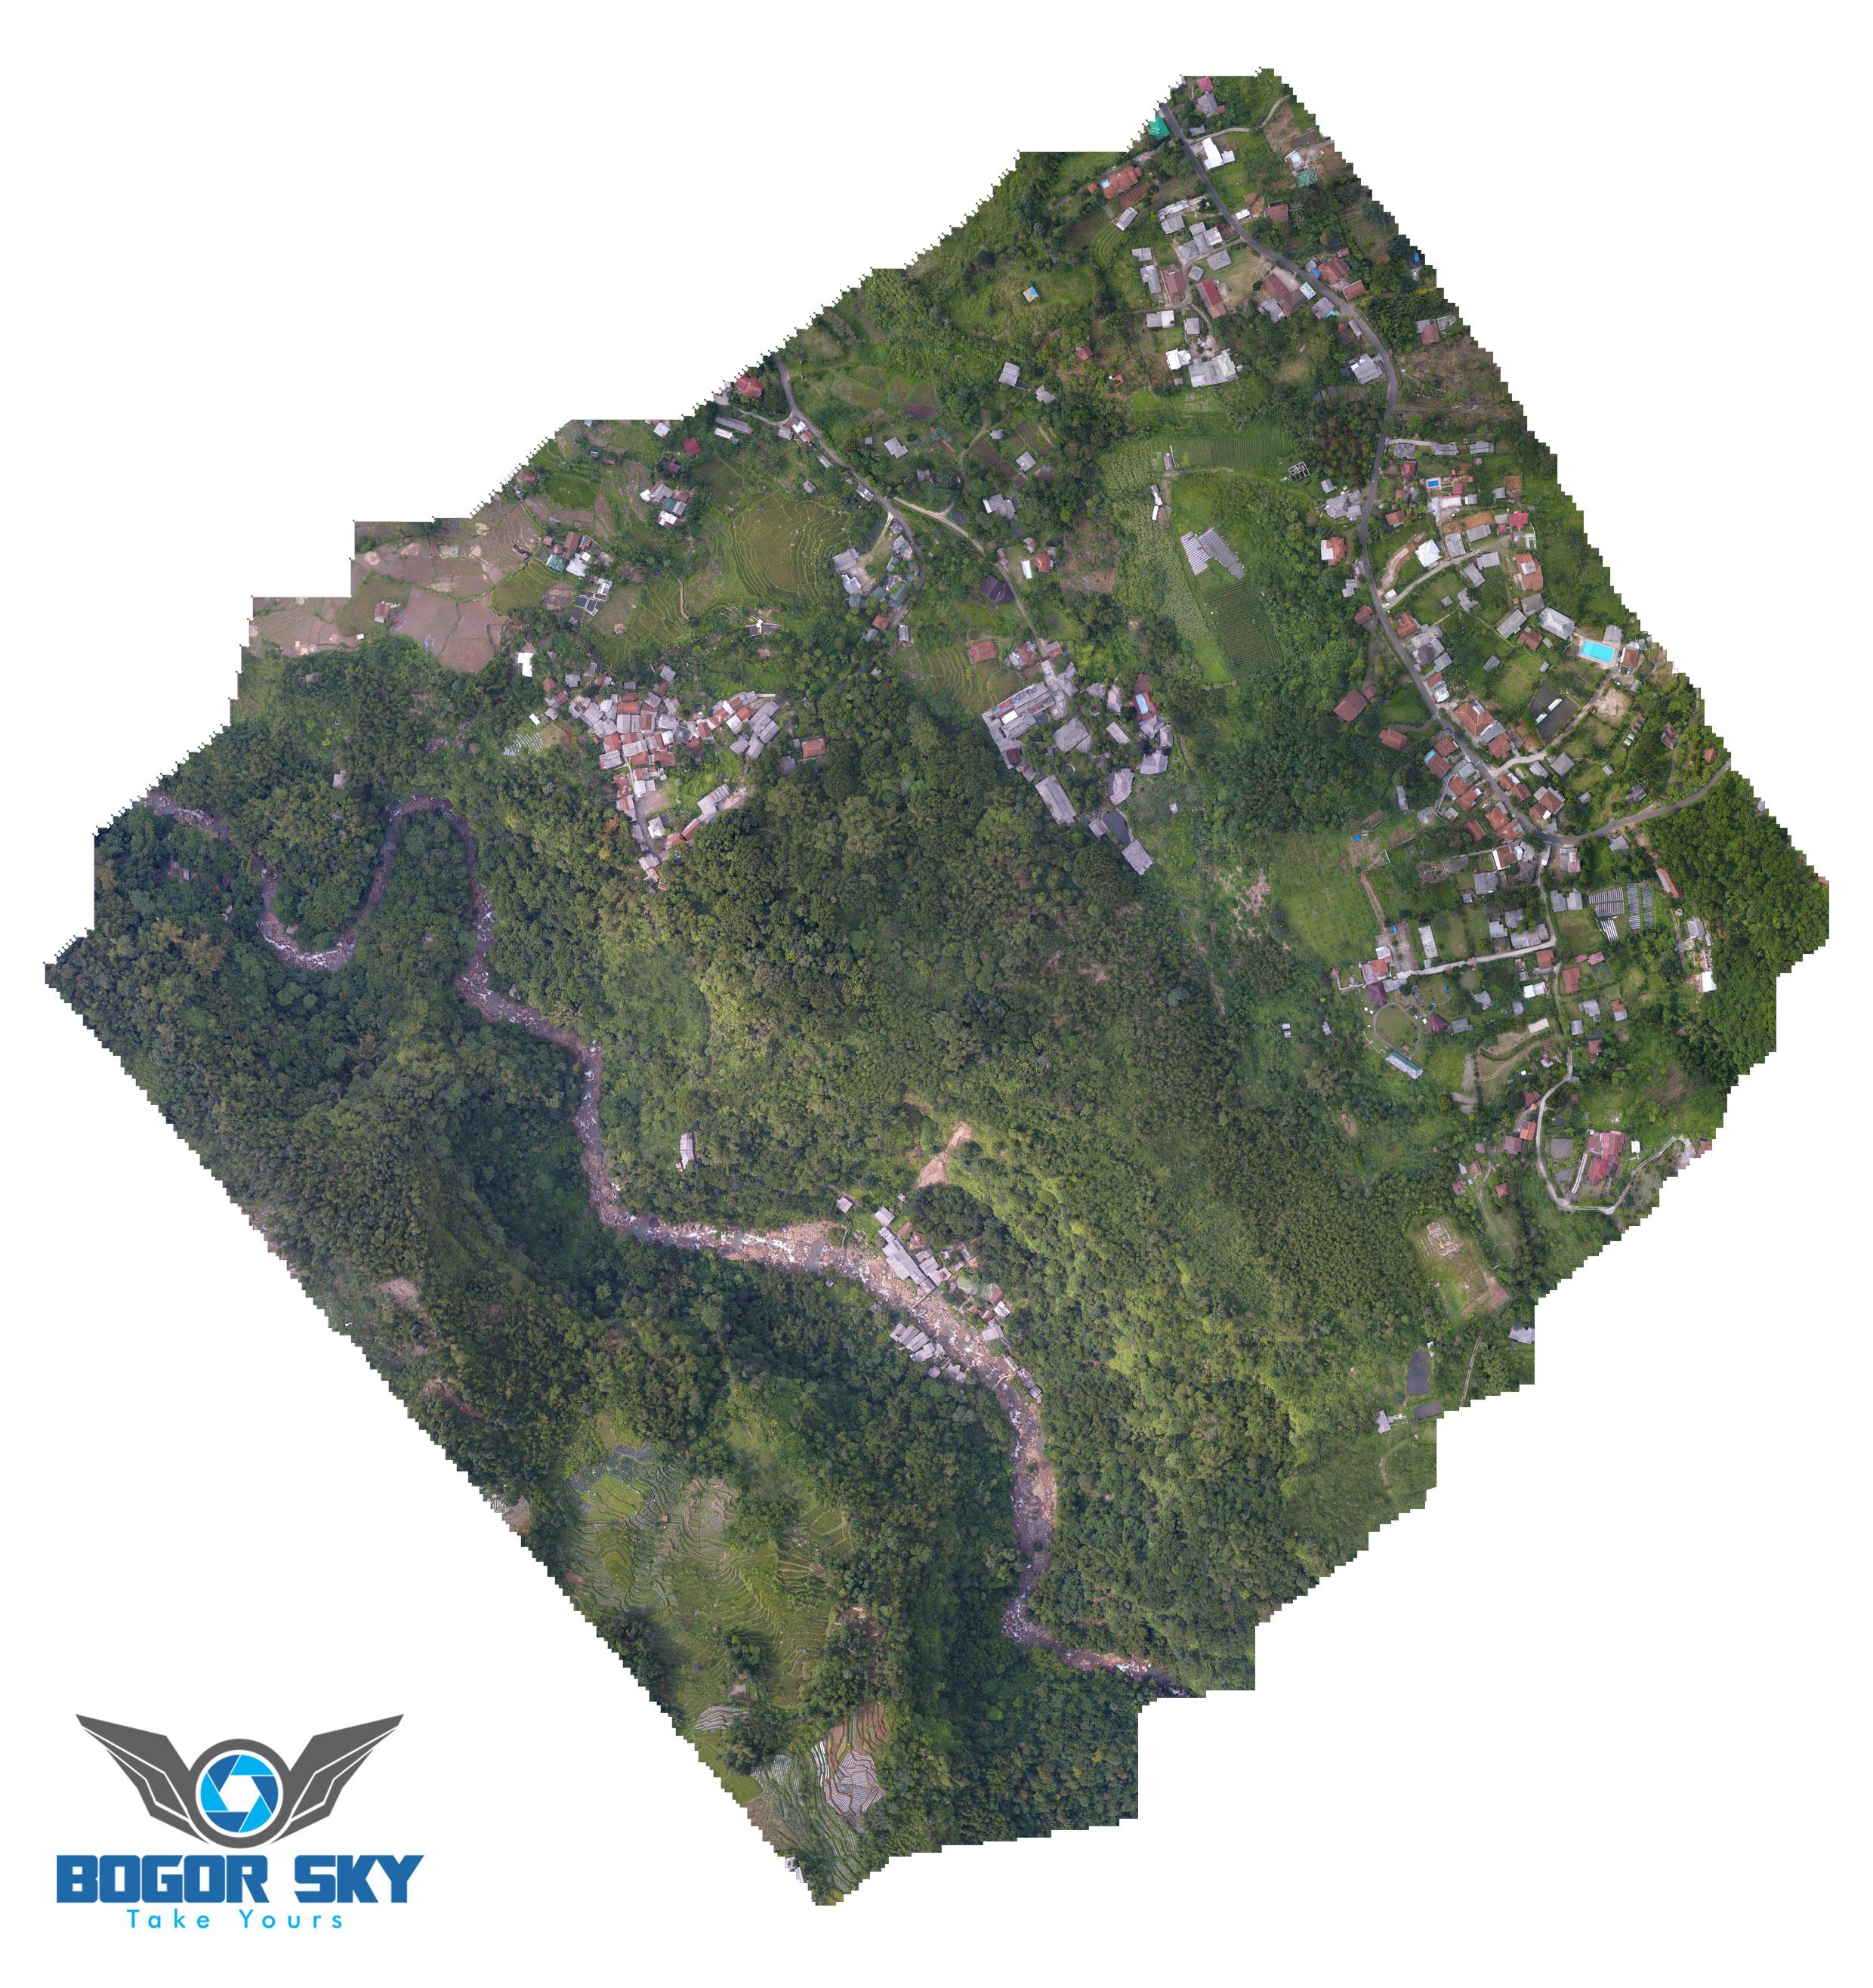 Jasa Pemetaan Foto Udara Drone Bogor Sky - Laporan Pemetaan Foto Udara Drone